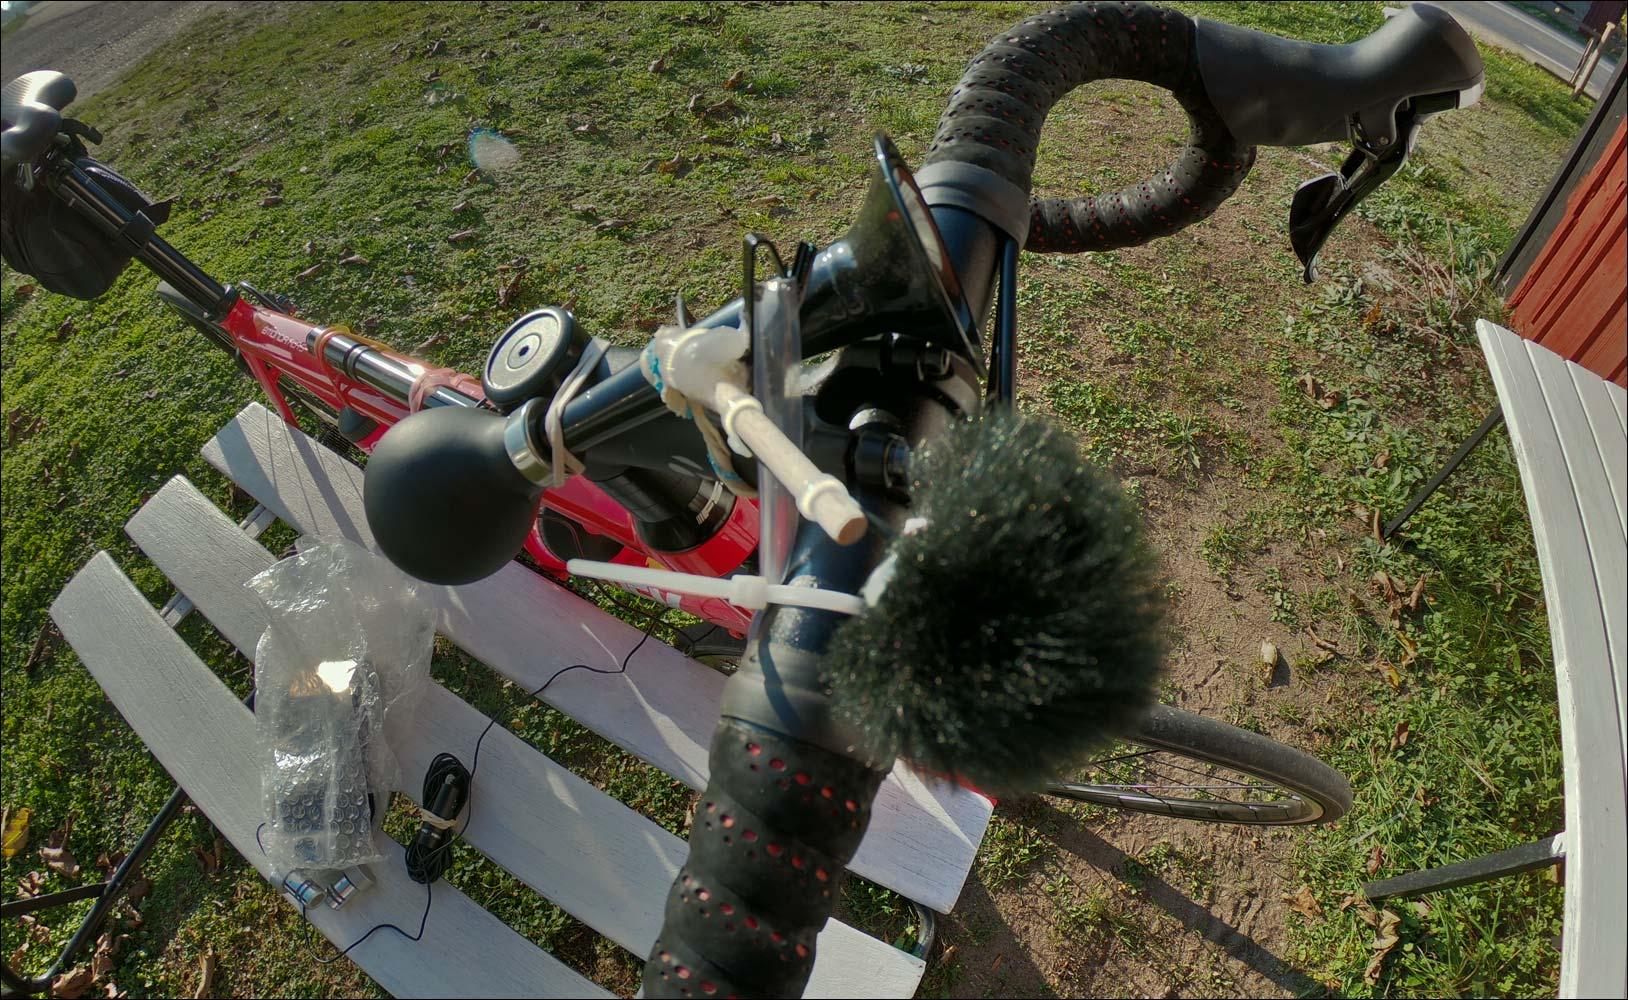 racern-med-ljudutrustning-i-Lerkaka